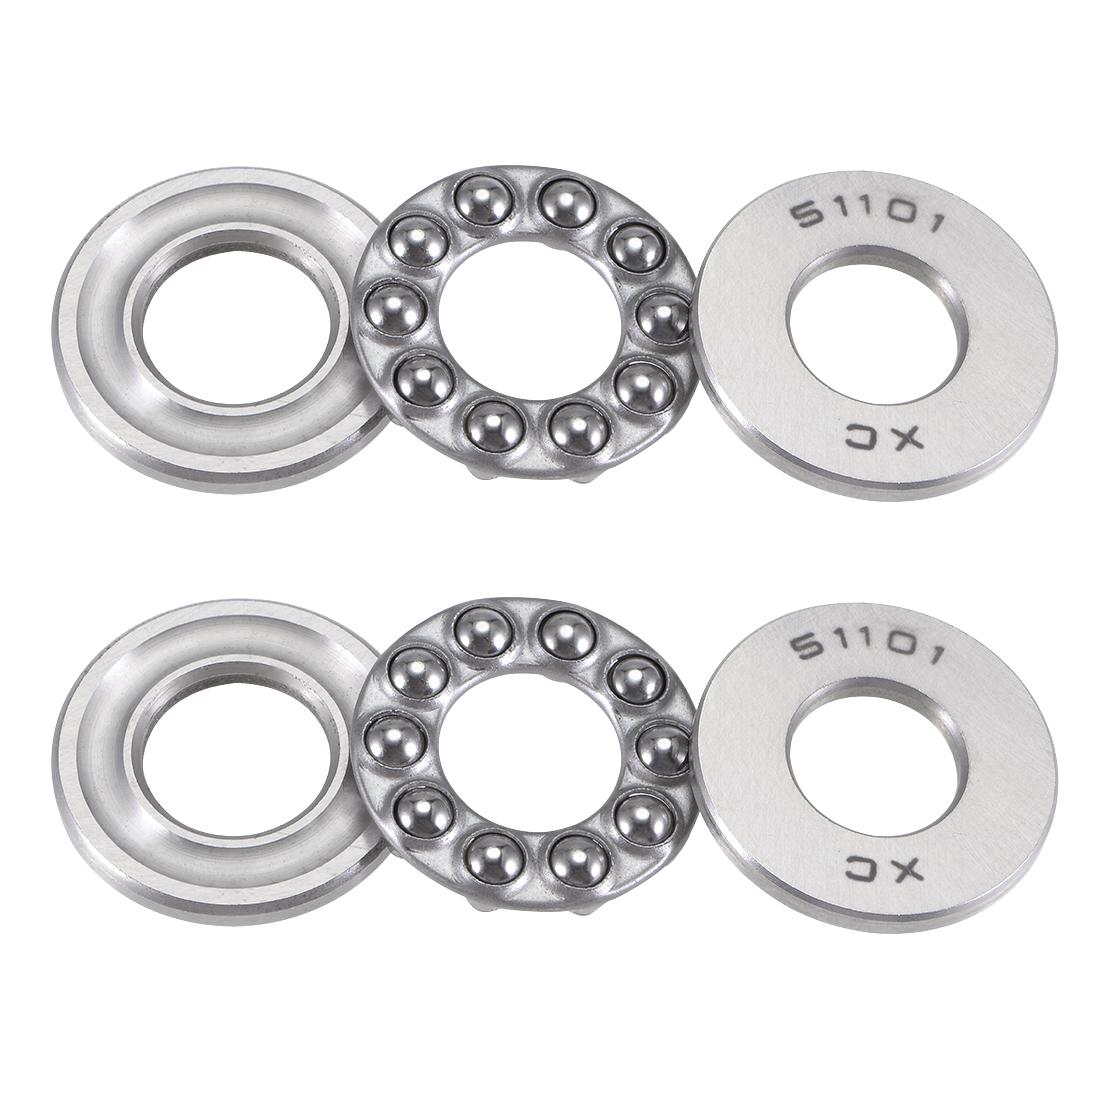 2pcs 51101 Axial Ball Thrust Bearing 3-Parts 26mmx12mmx9mm